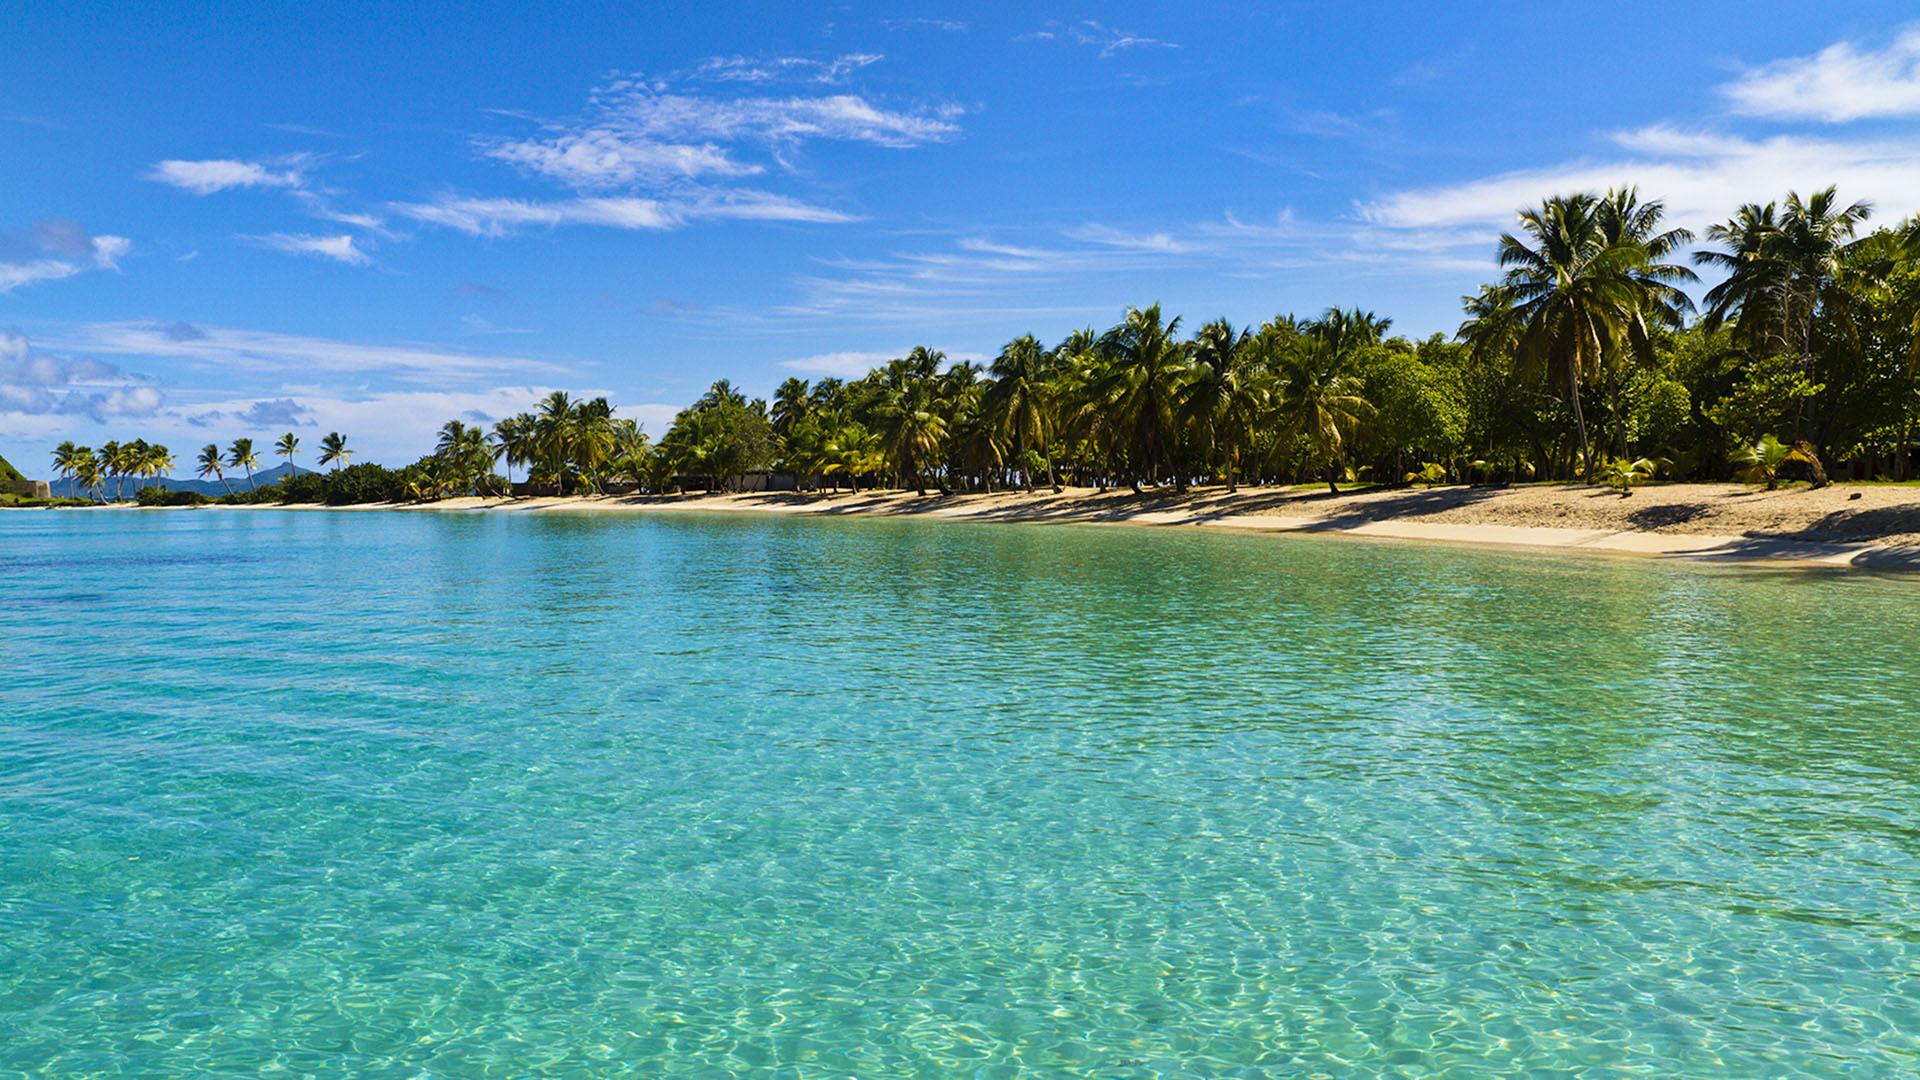 Playas_0018_Salt-Whistle-Bay-Isla-Mayreau-San-Vicente-y-las-Granadinas